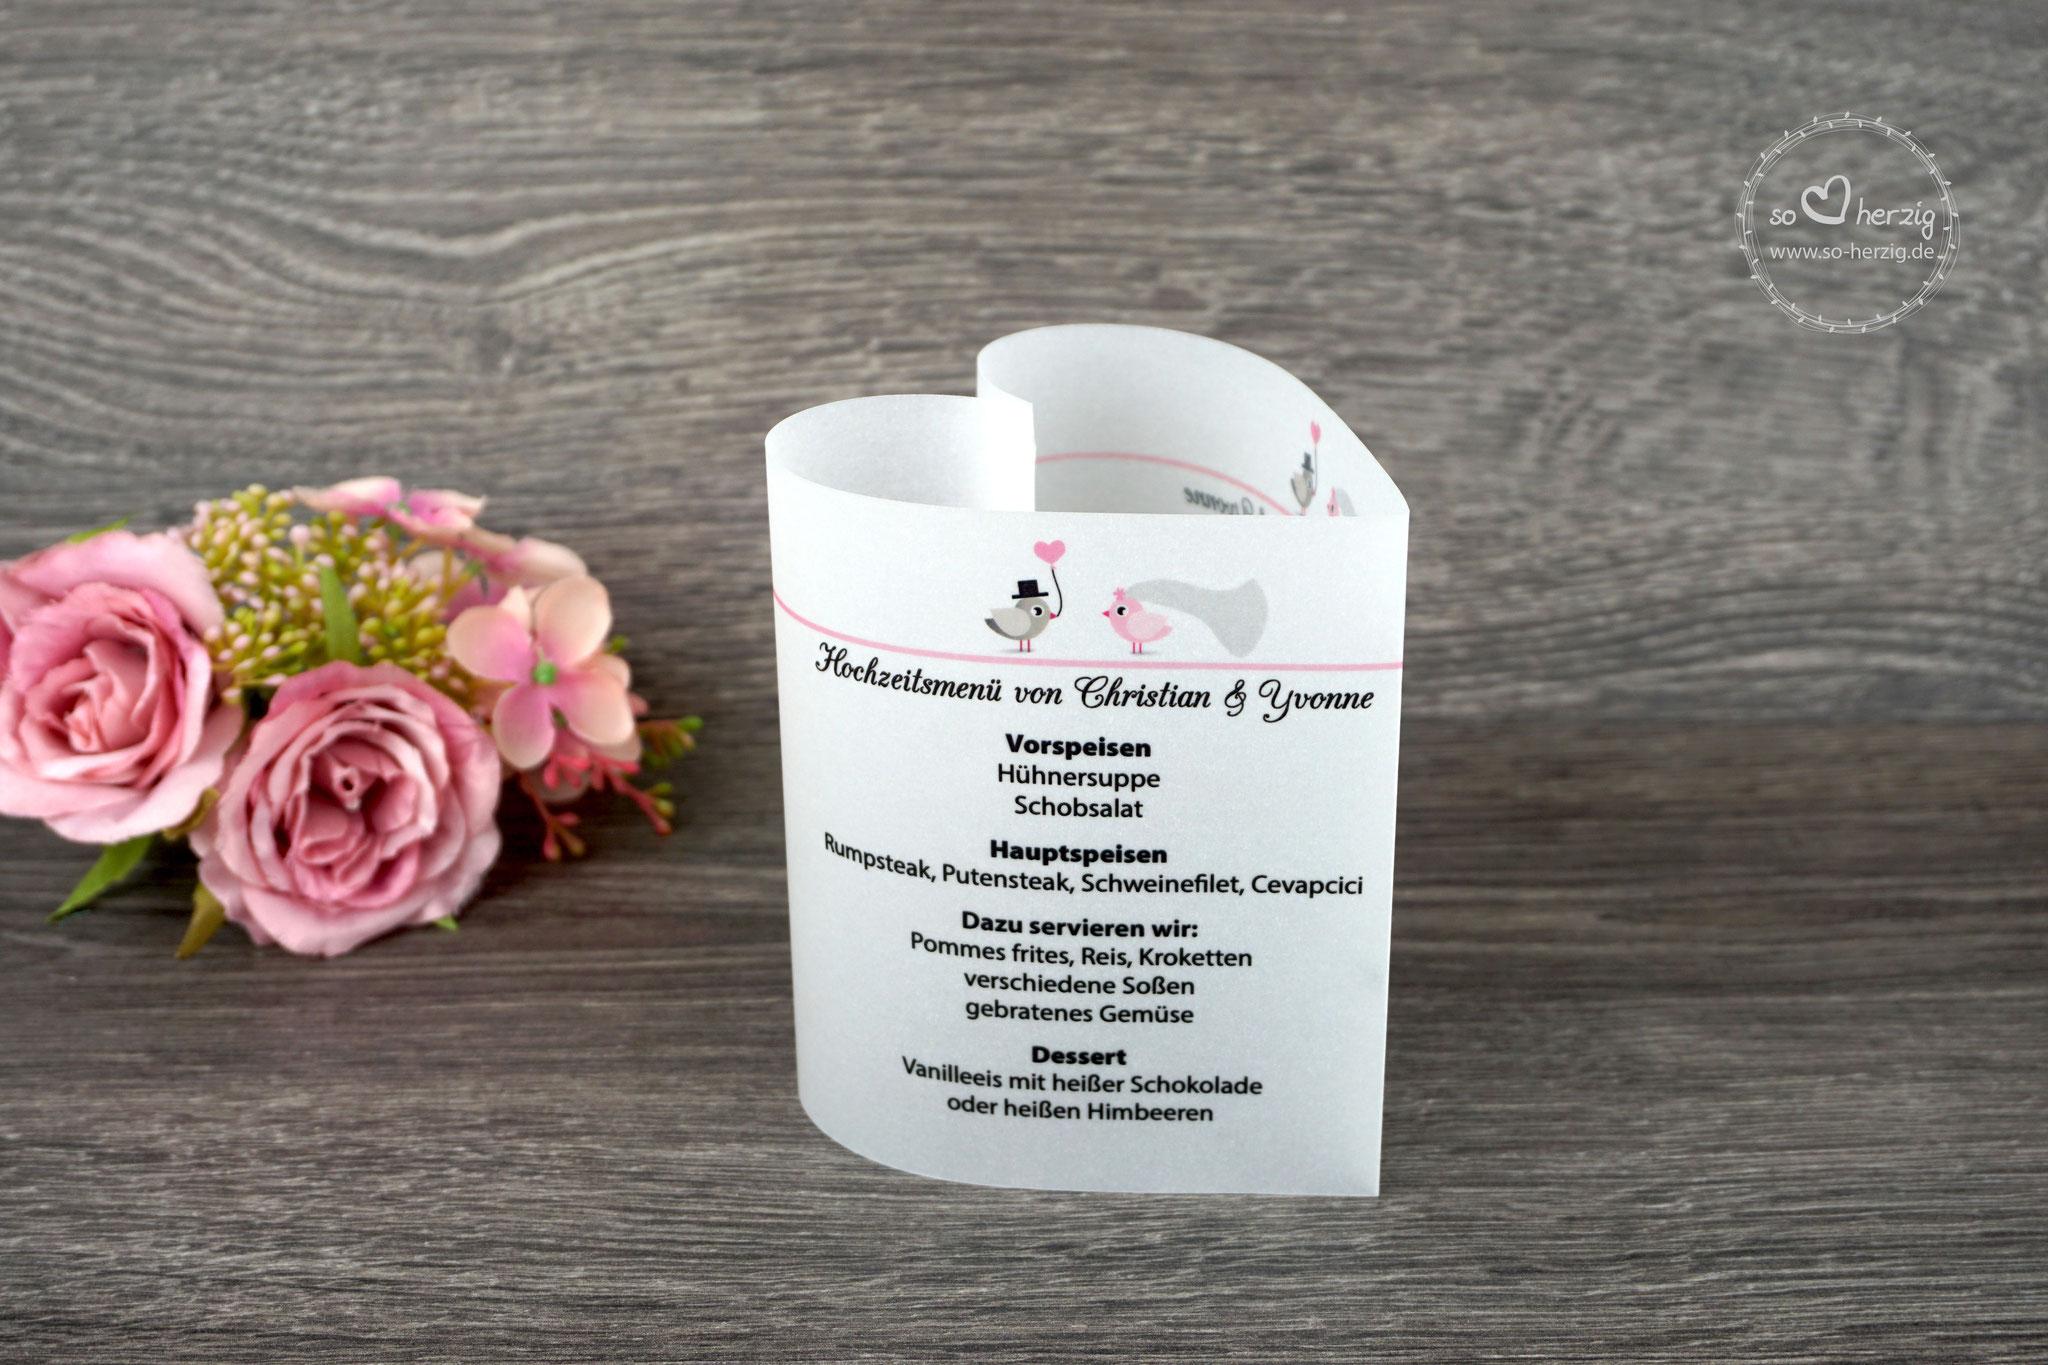 Menükarte 10,5cm Design Hochzeitsvögel, Farbe Rosa/Graubraun, Schrift CAC Champagne